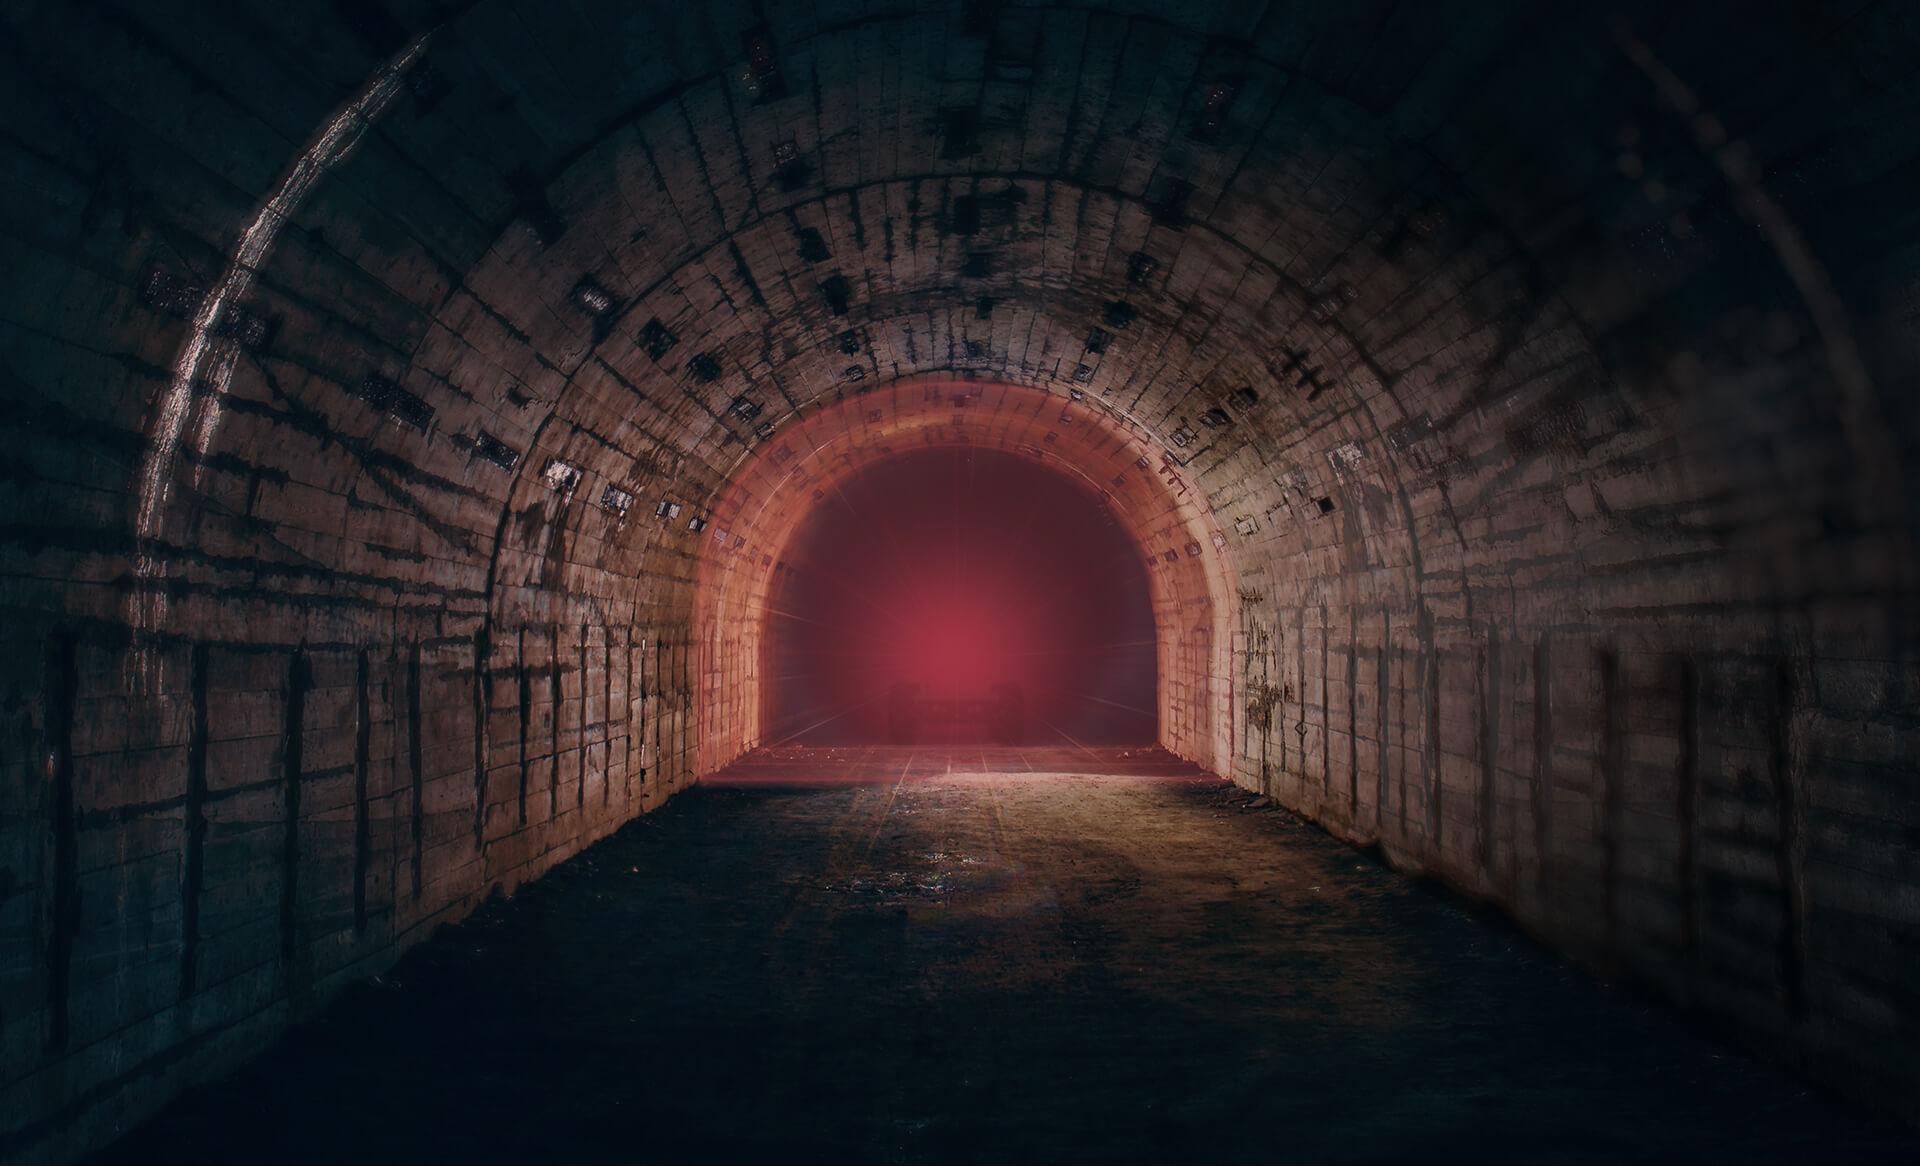 2-D-Laserscanner R2000 für die Erstellung eines realistischen 3-D-Abbilds des Tunnels